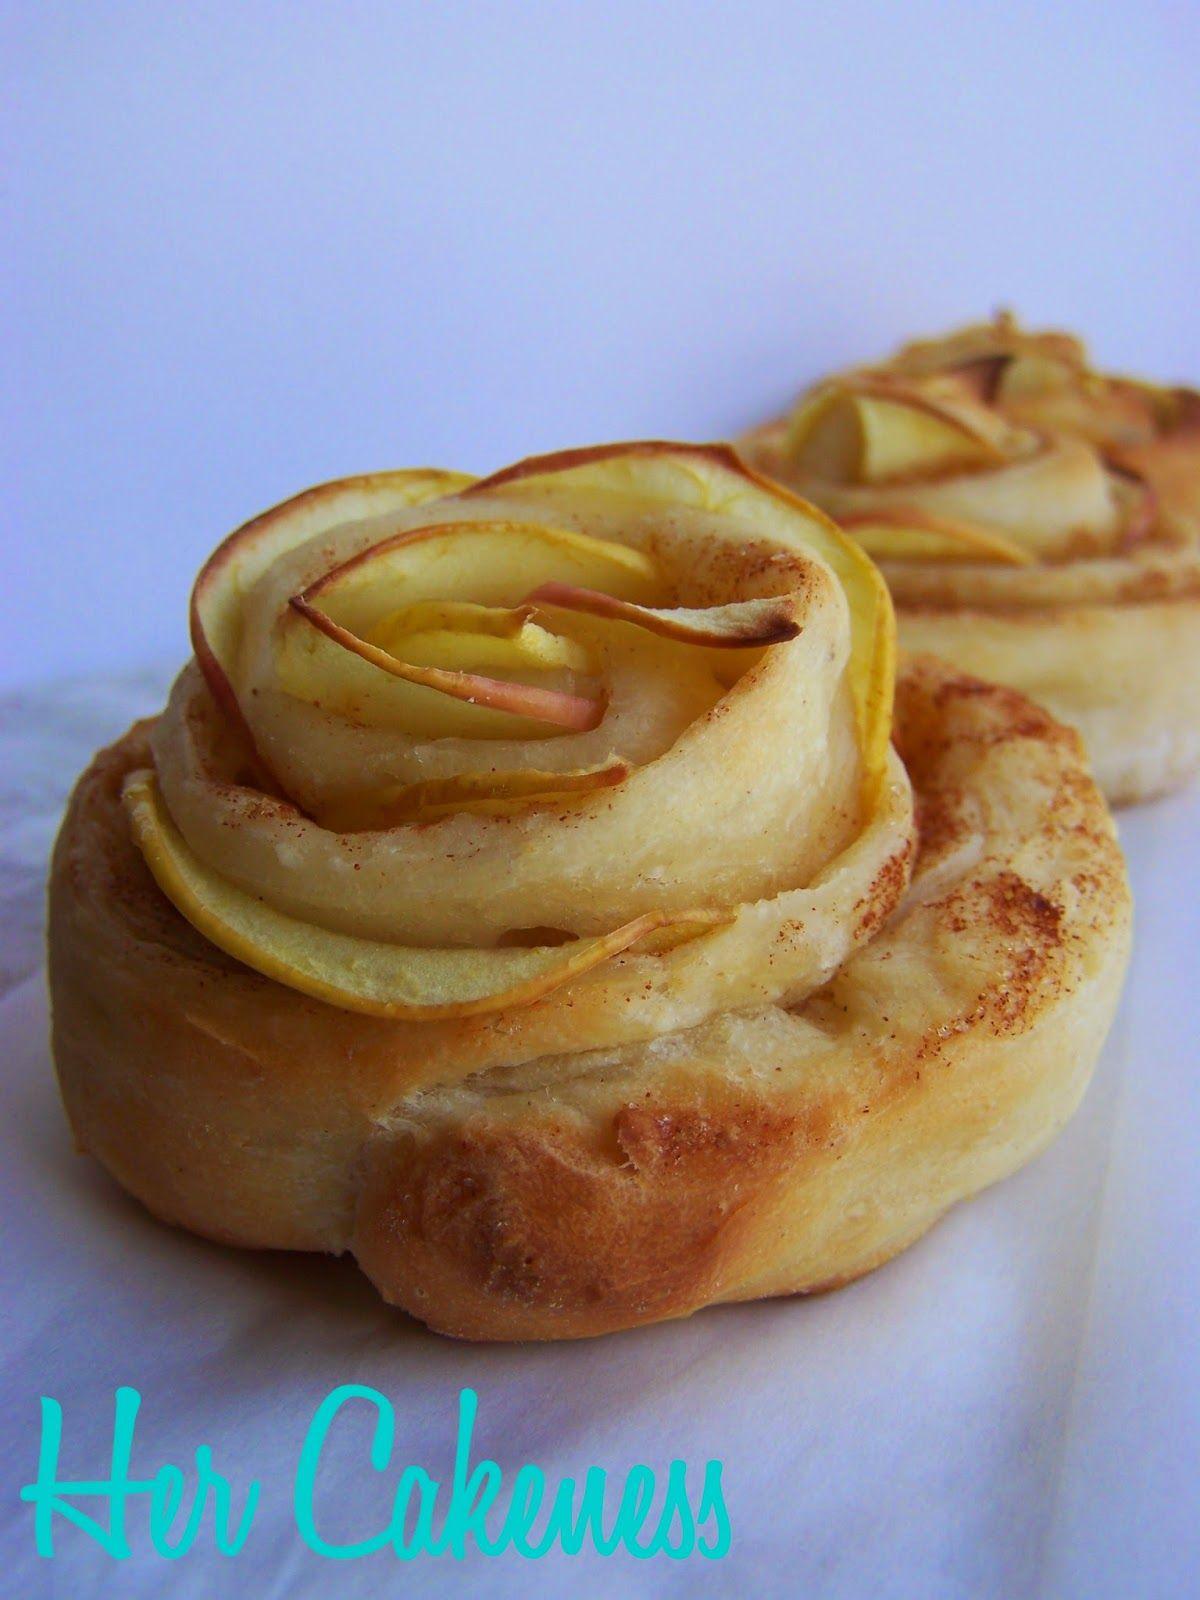 Her Cakeness: Apfel-Rosen, apple roses